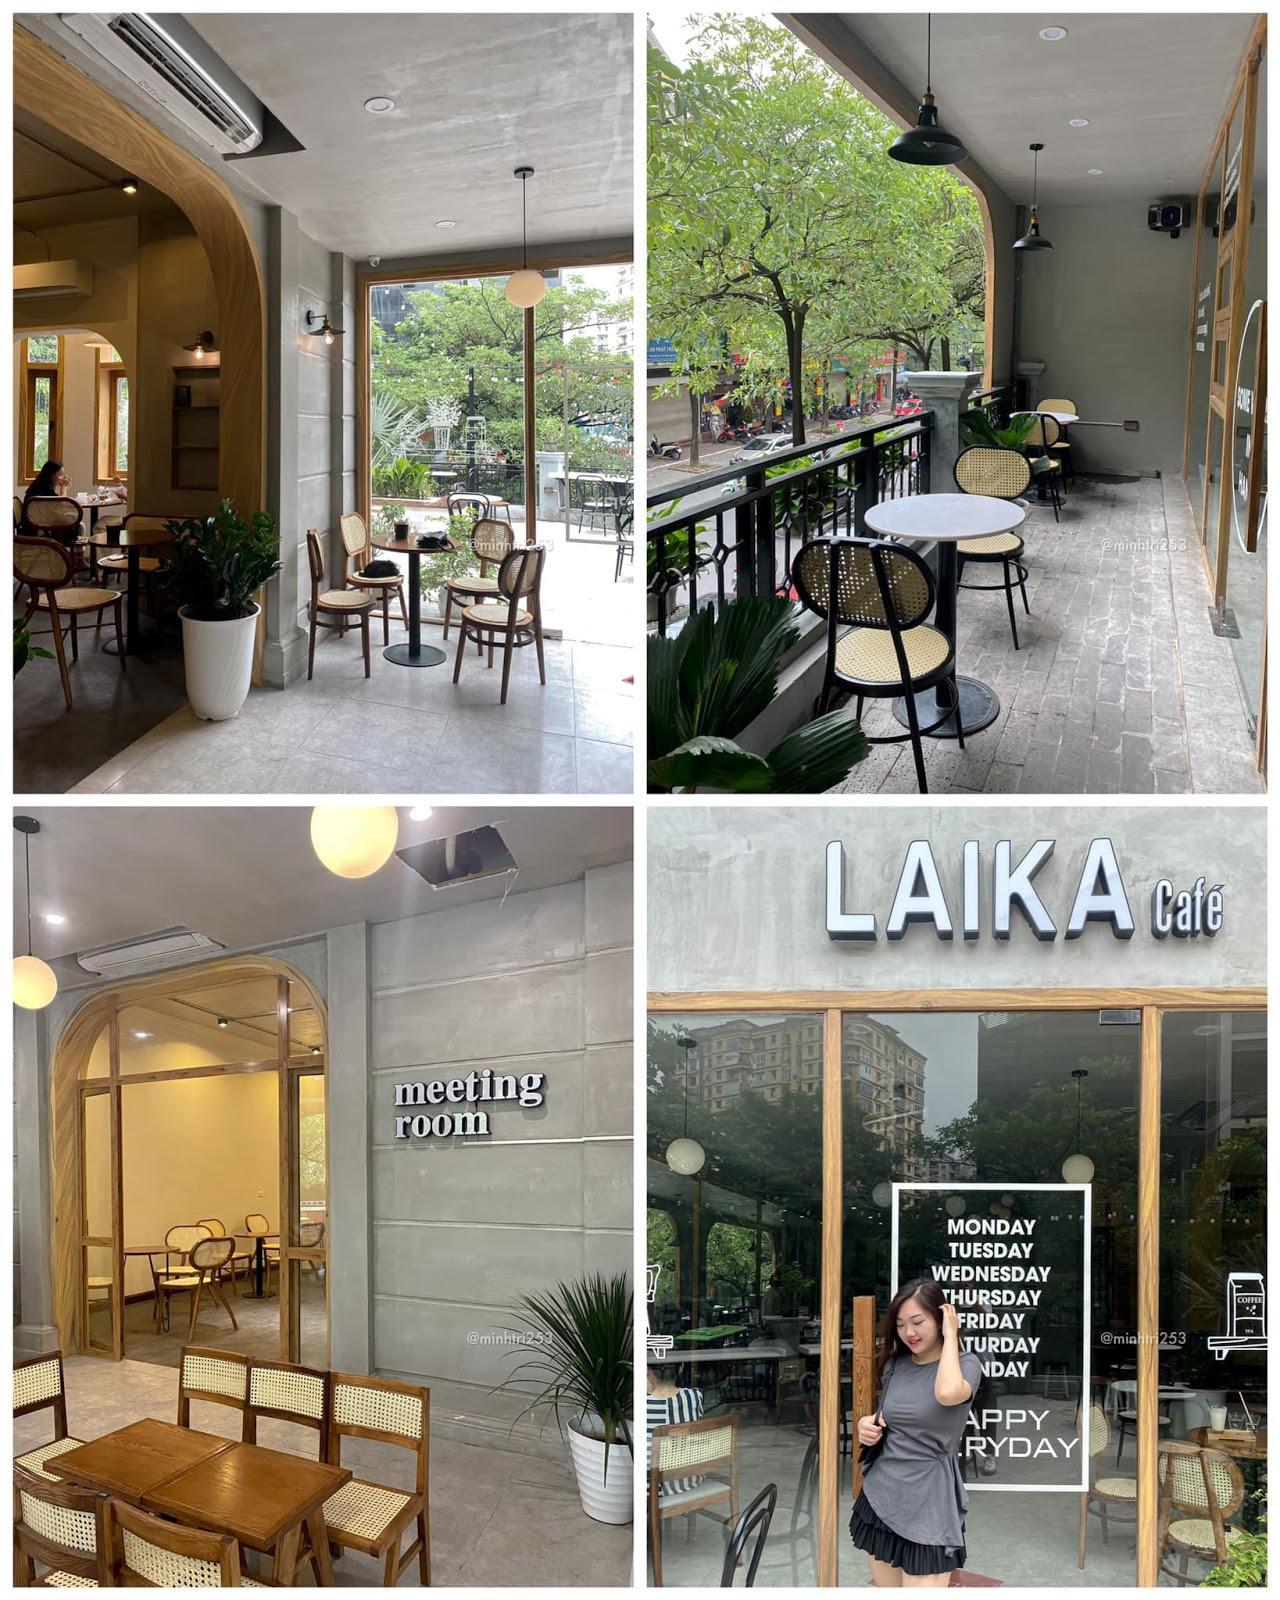 Vẻ đẹp tinh tế, thu hút trong thiết kế quán cafe Laika